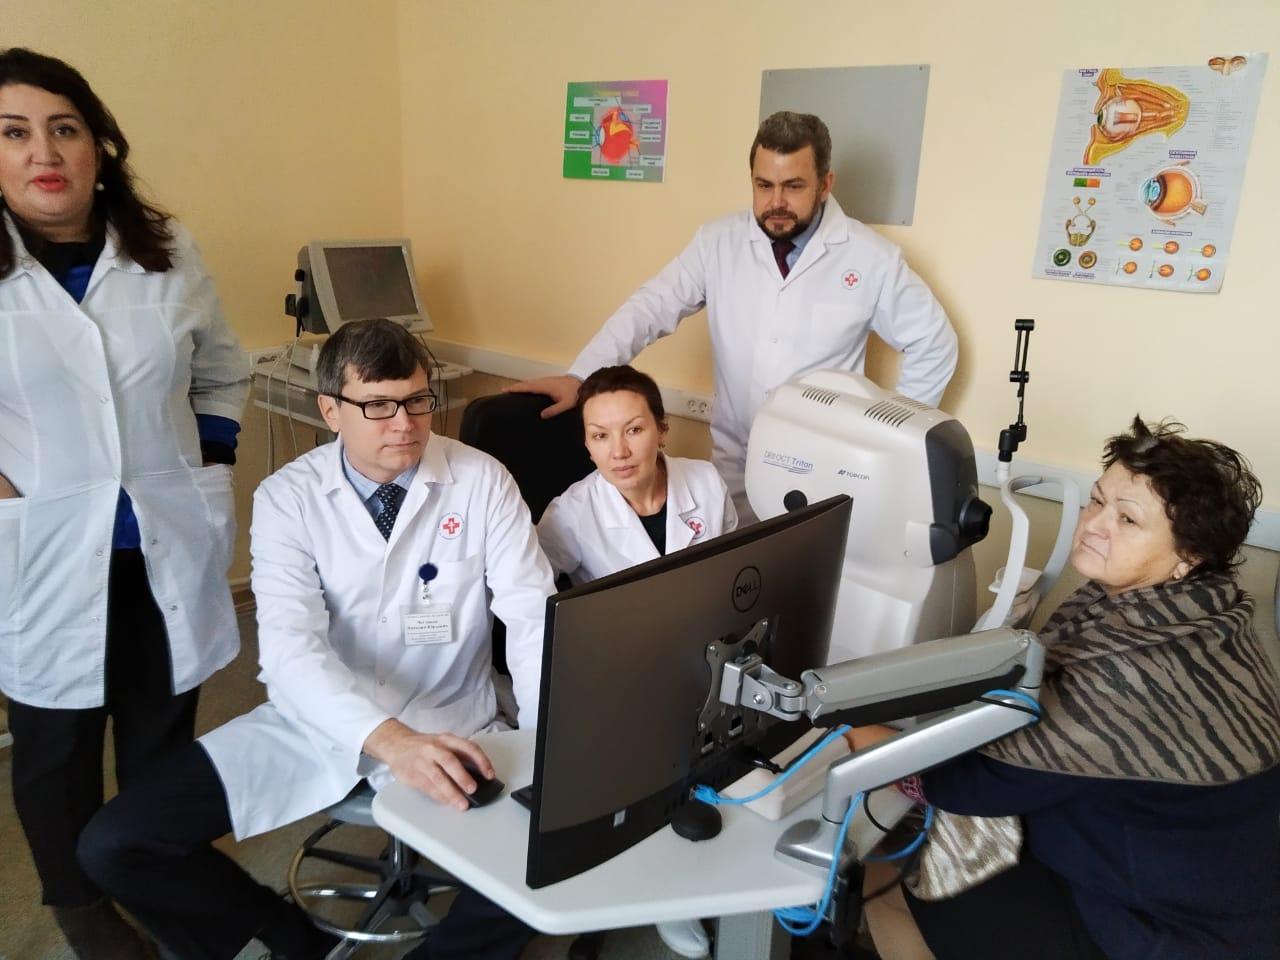 Священники Москвы в честь дня рождения Предстоятеля подарили новое оборудование для церковной больницы